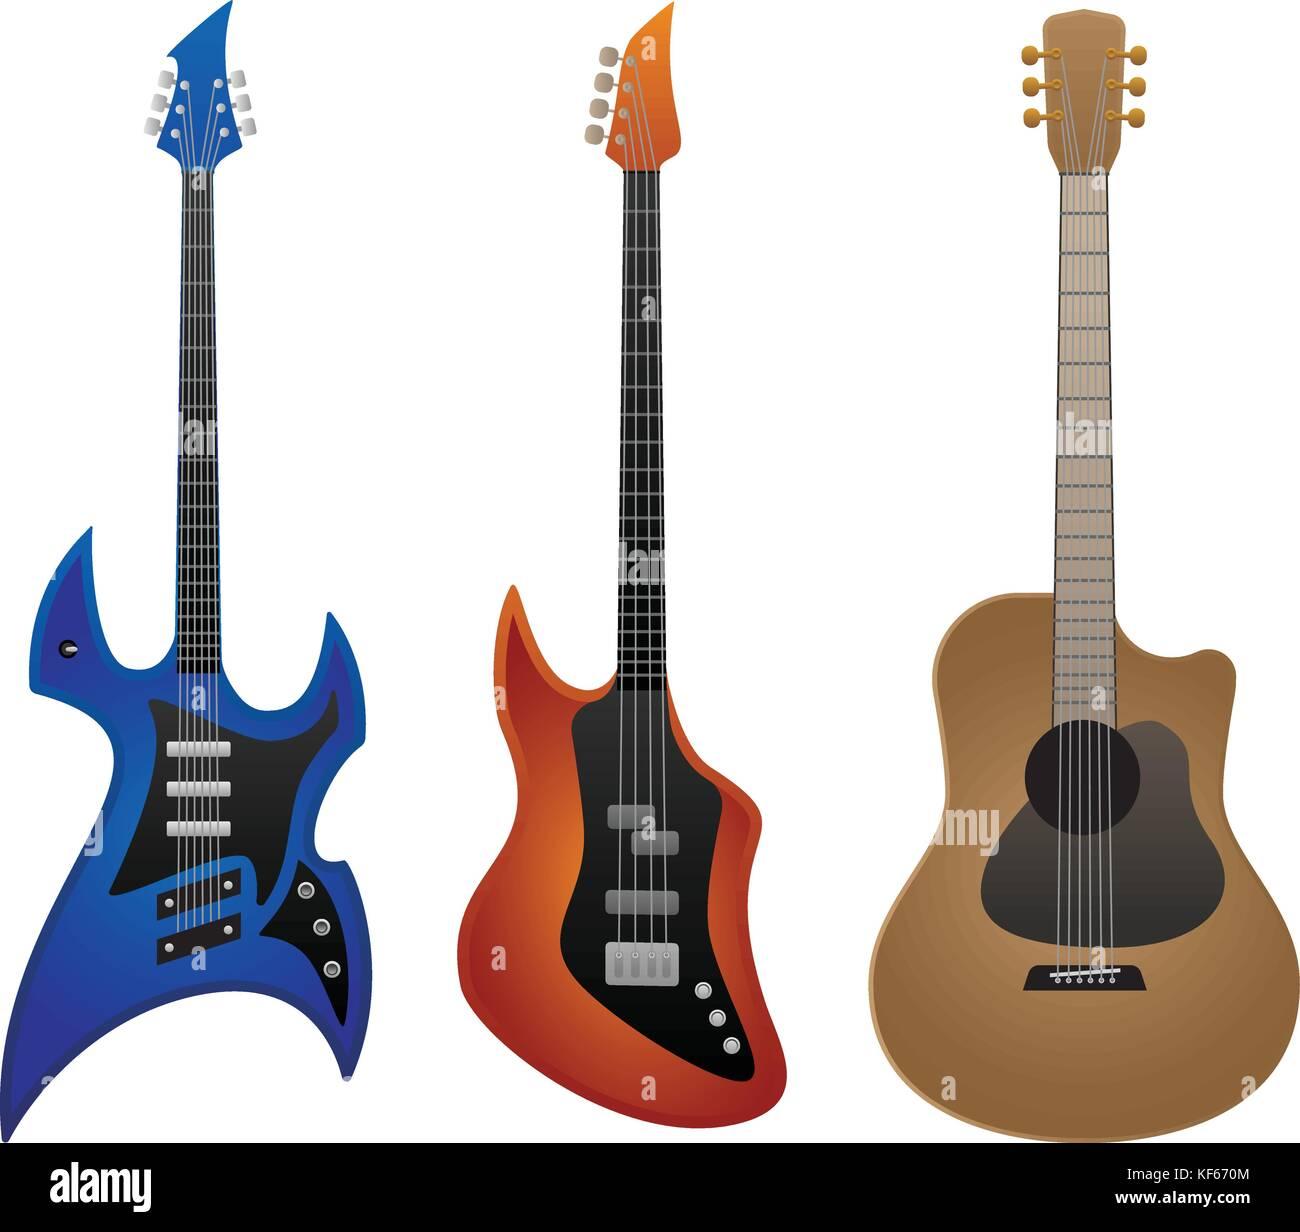 Electric rock chitarra, basso e chitarra acustica illustrazione vettoriale Immagini Stock